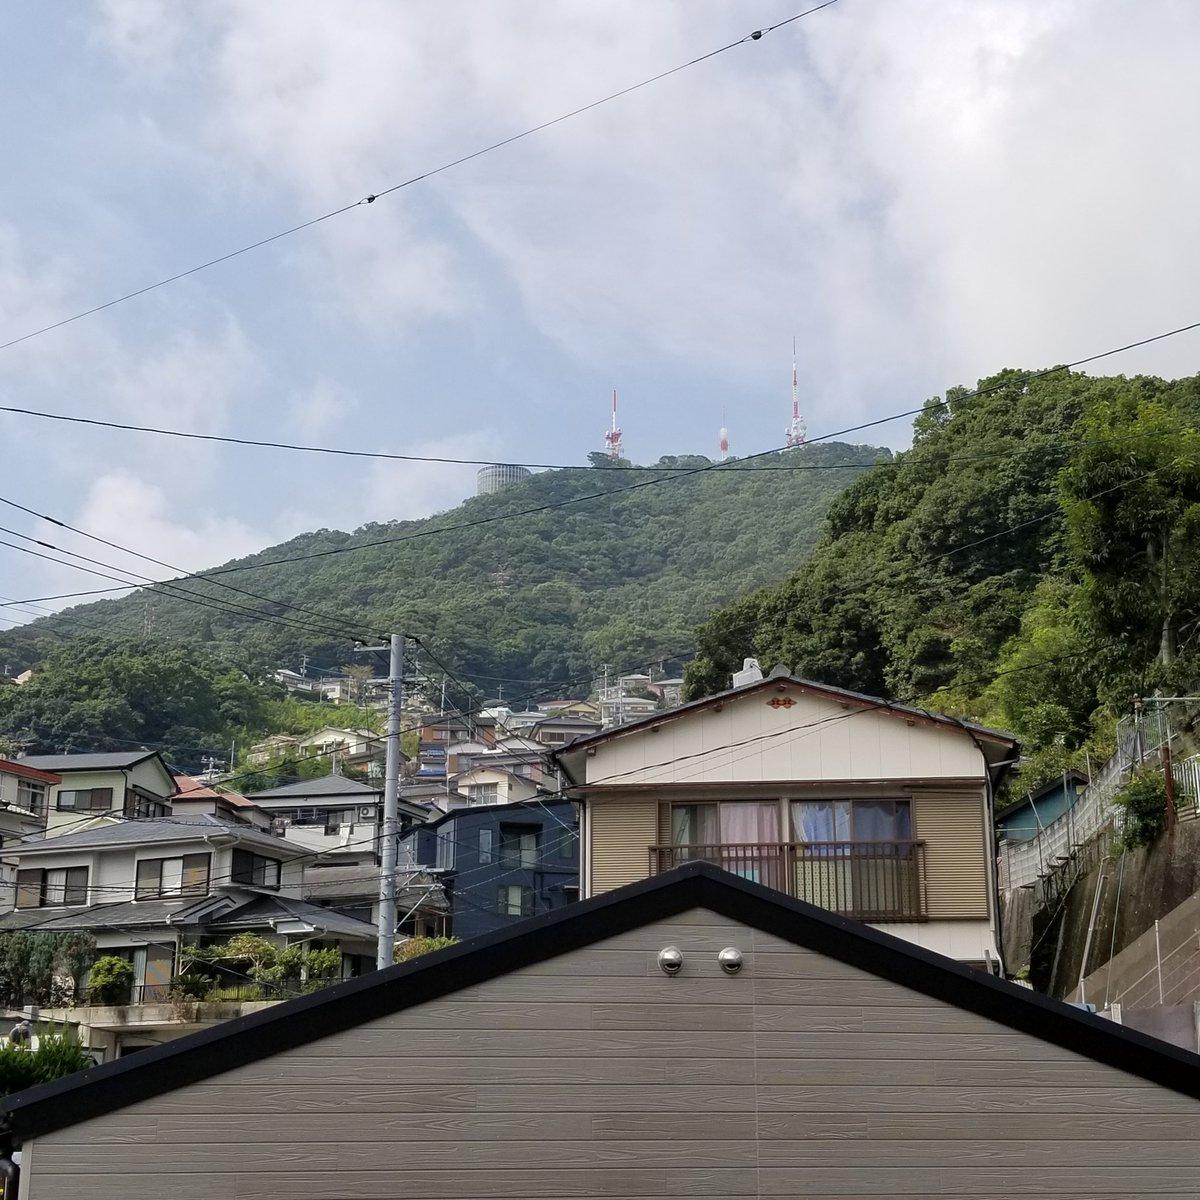 おはようございます。今日は稲佐山でマルシェやってるみたいですね🤩たくさん遊んだ後は麓のストレッチ屋『Flow』にどうぞ!明日もフルパワーで遊べる体に仕上げます👍